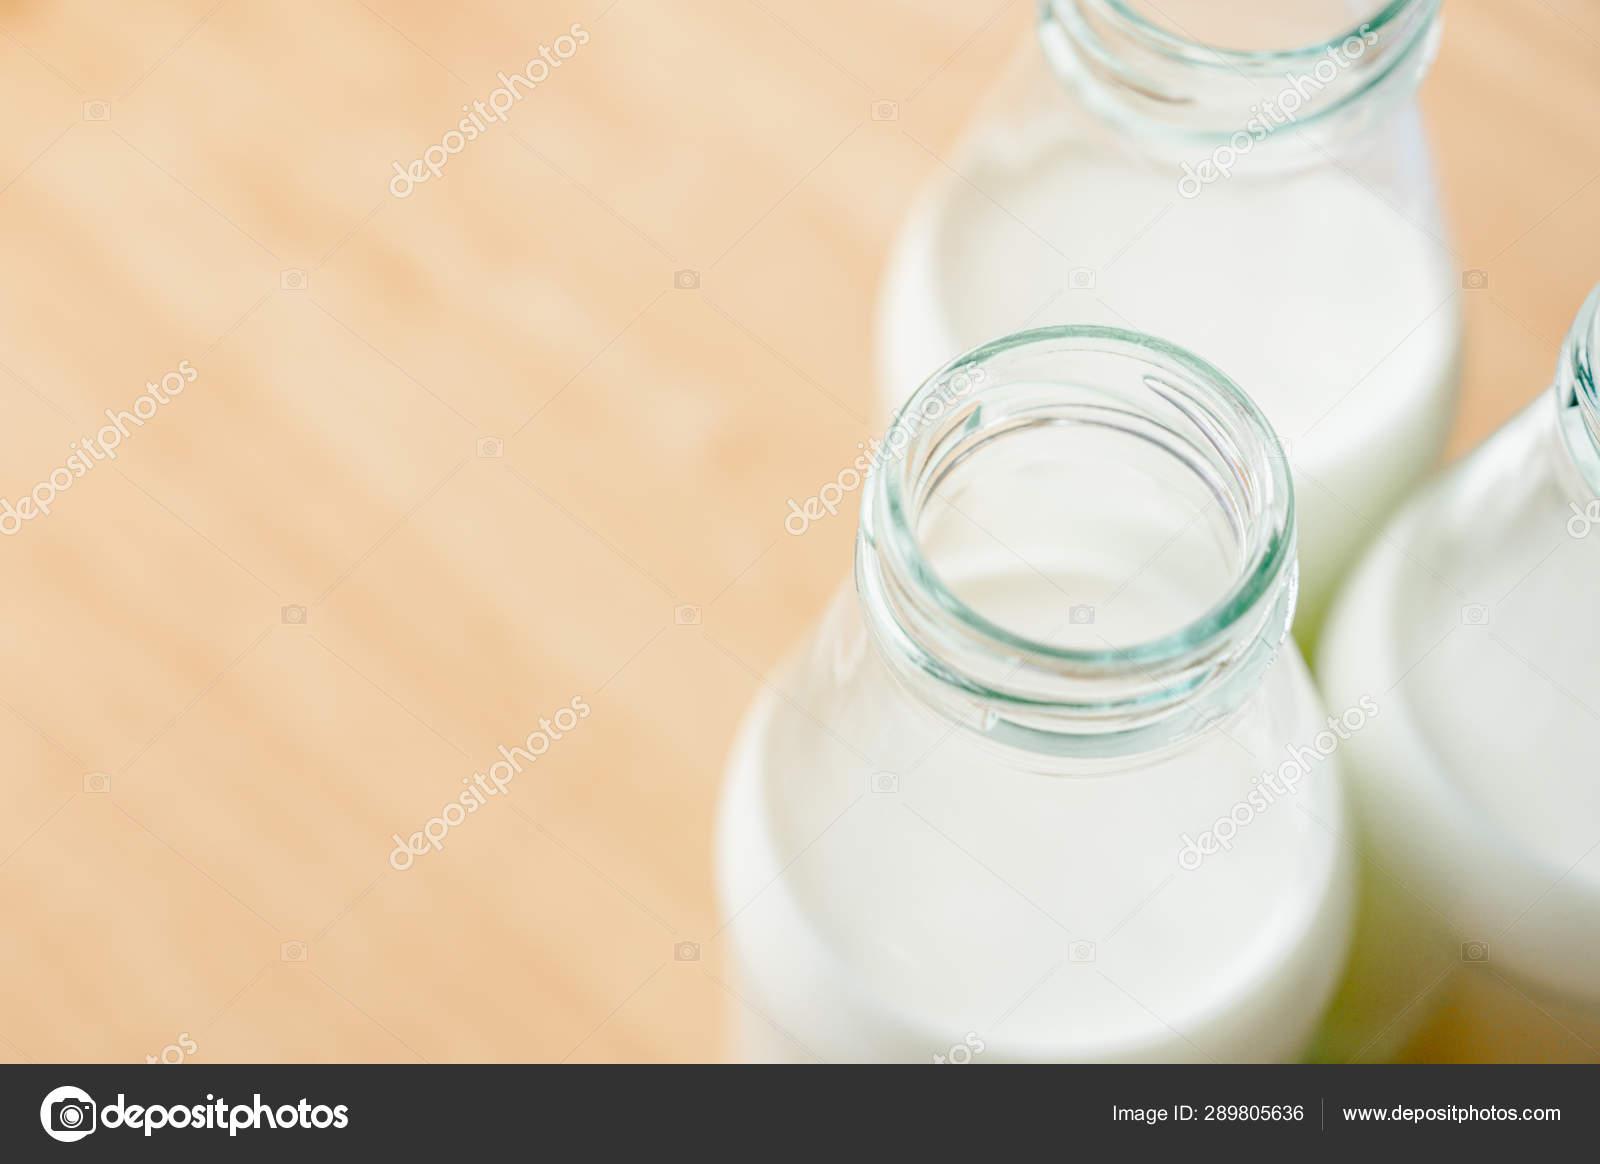 Fresh Milk Bottles Cap Wooden Table Window Healthy Drink Concept Stock Photo C Supawitsre 289805636